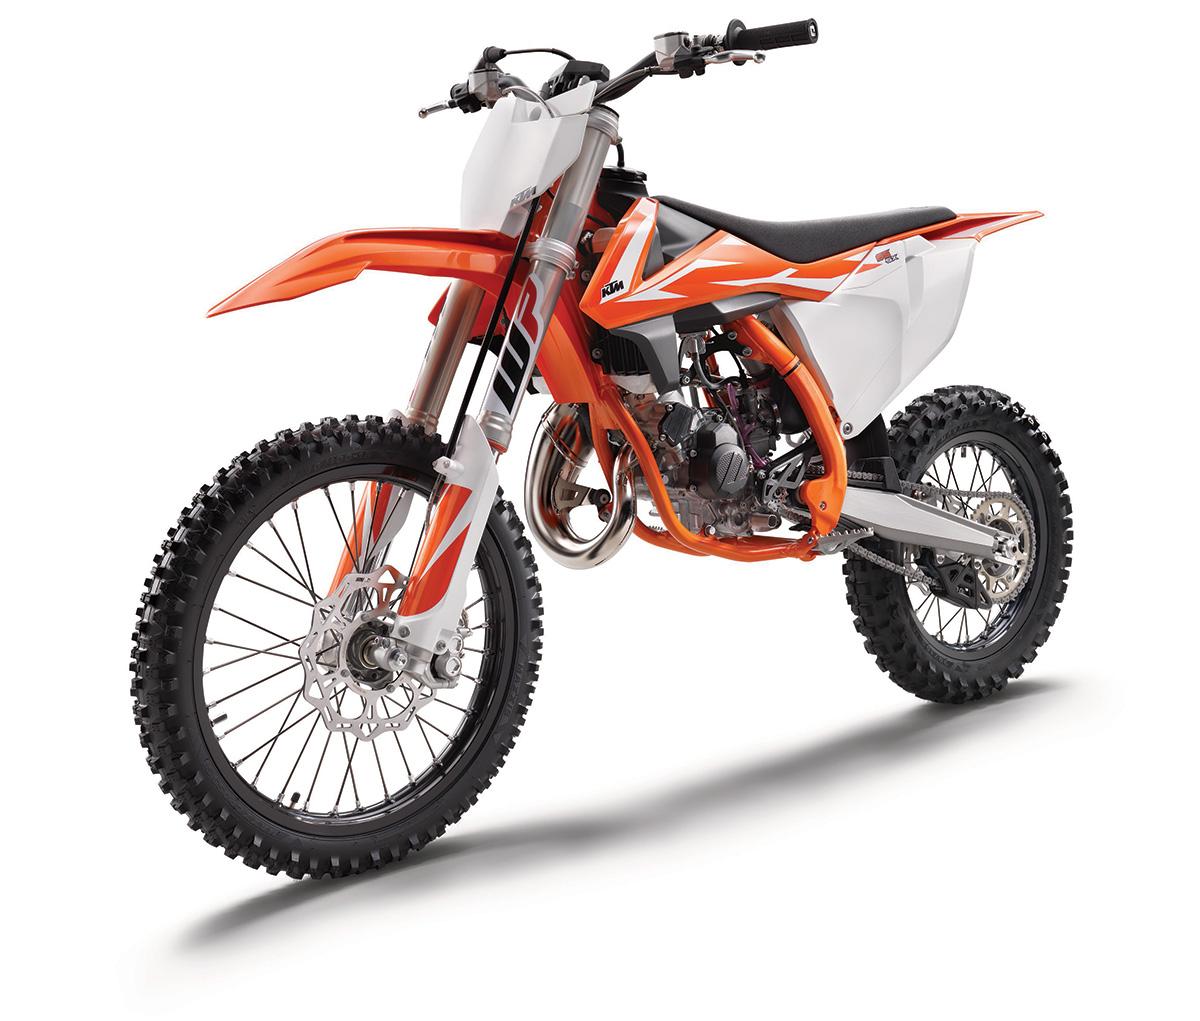 Ktm Two Stroke Dirt Bike